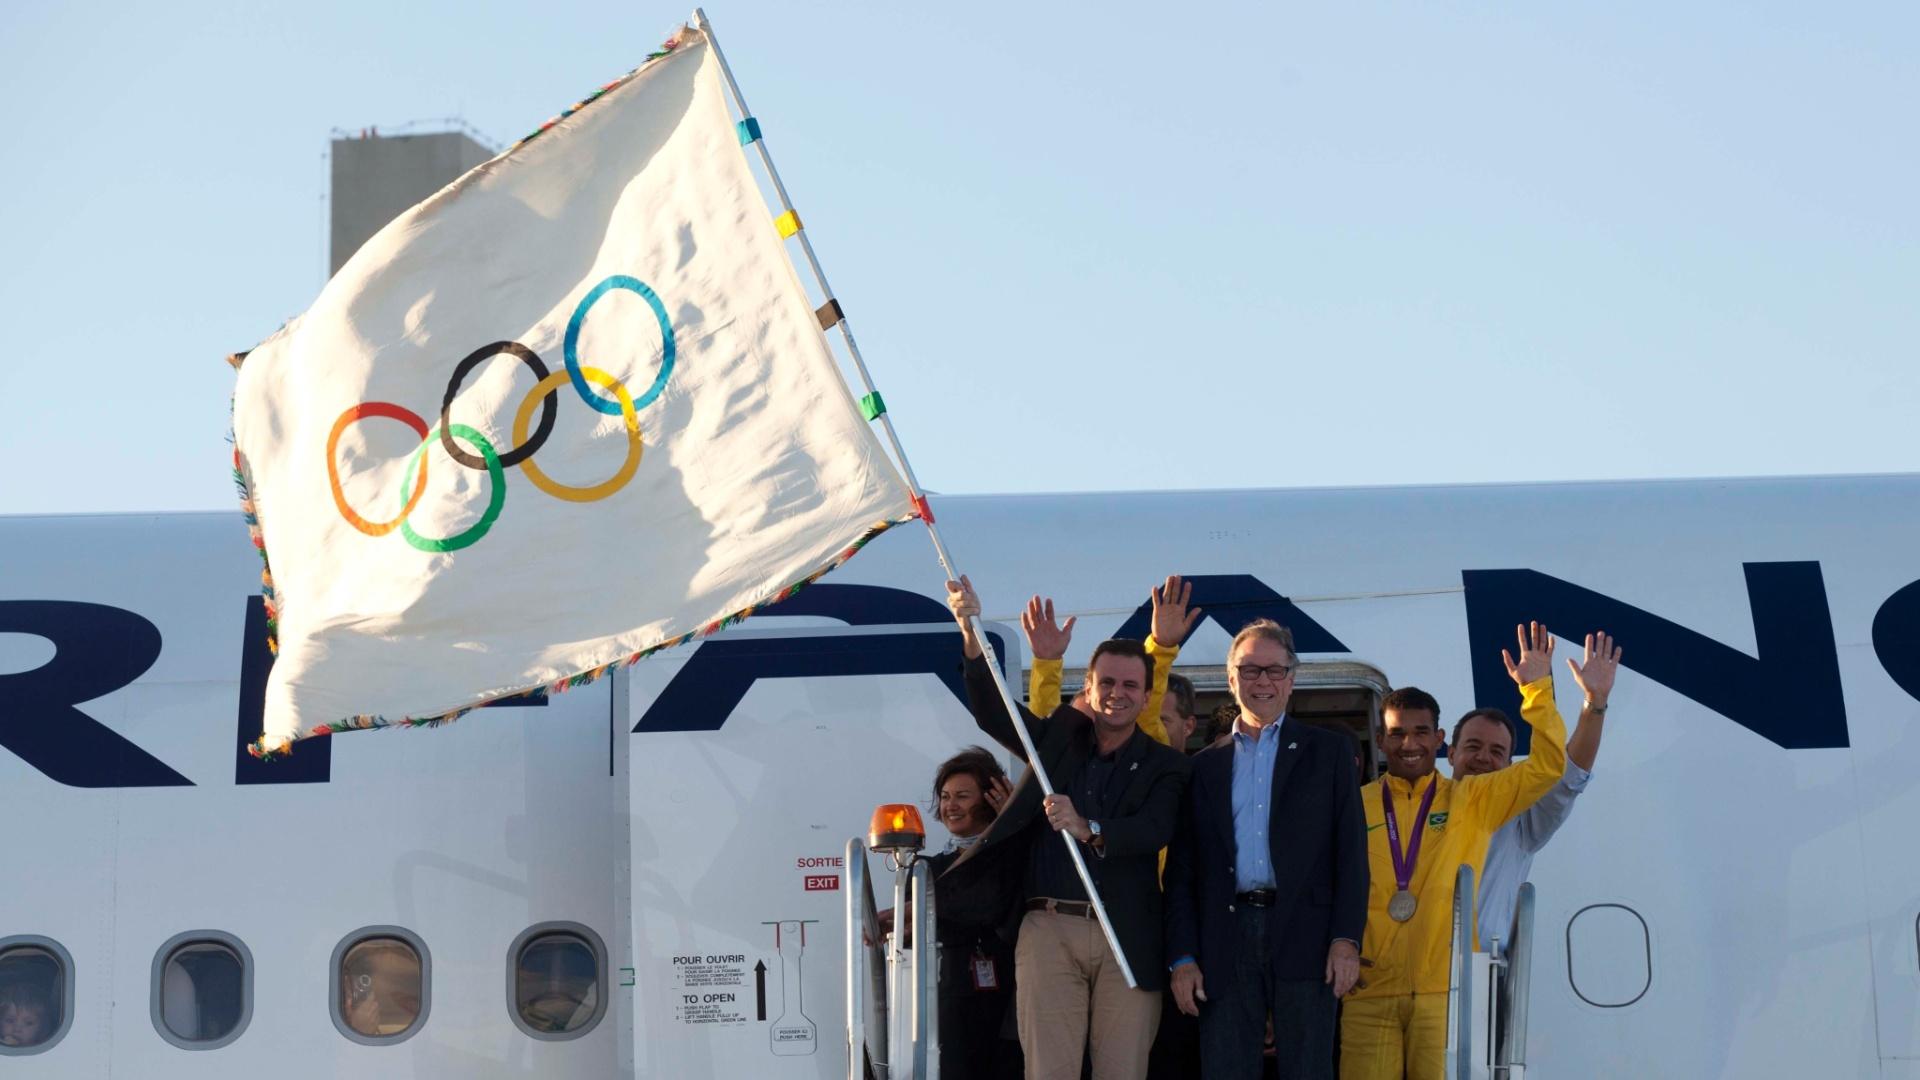 Eduardo Paes e Carlos Arthur Nuzman desembarcaram com bandeira olímpica no Rio